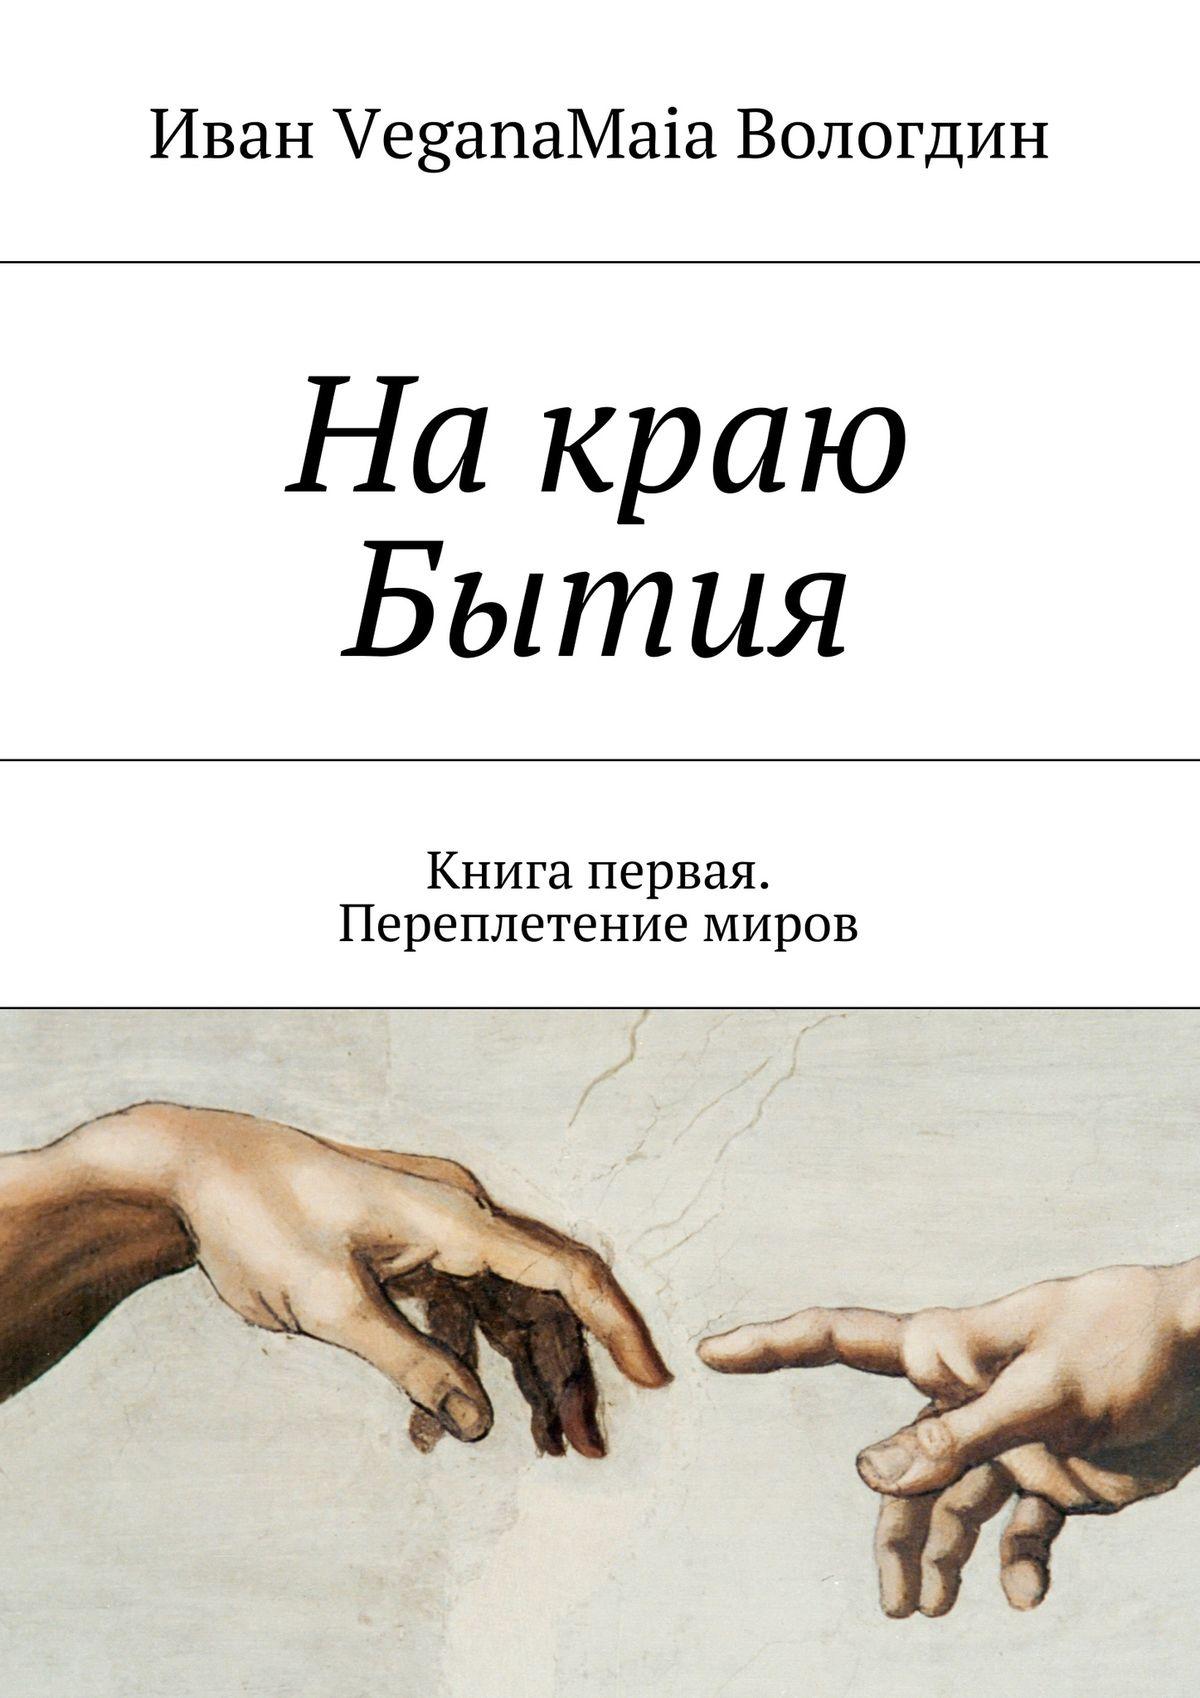 Иван VeganaMaia Вологдин Накраю Бытия. Книга первая. Переплетение миров